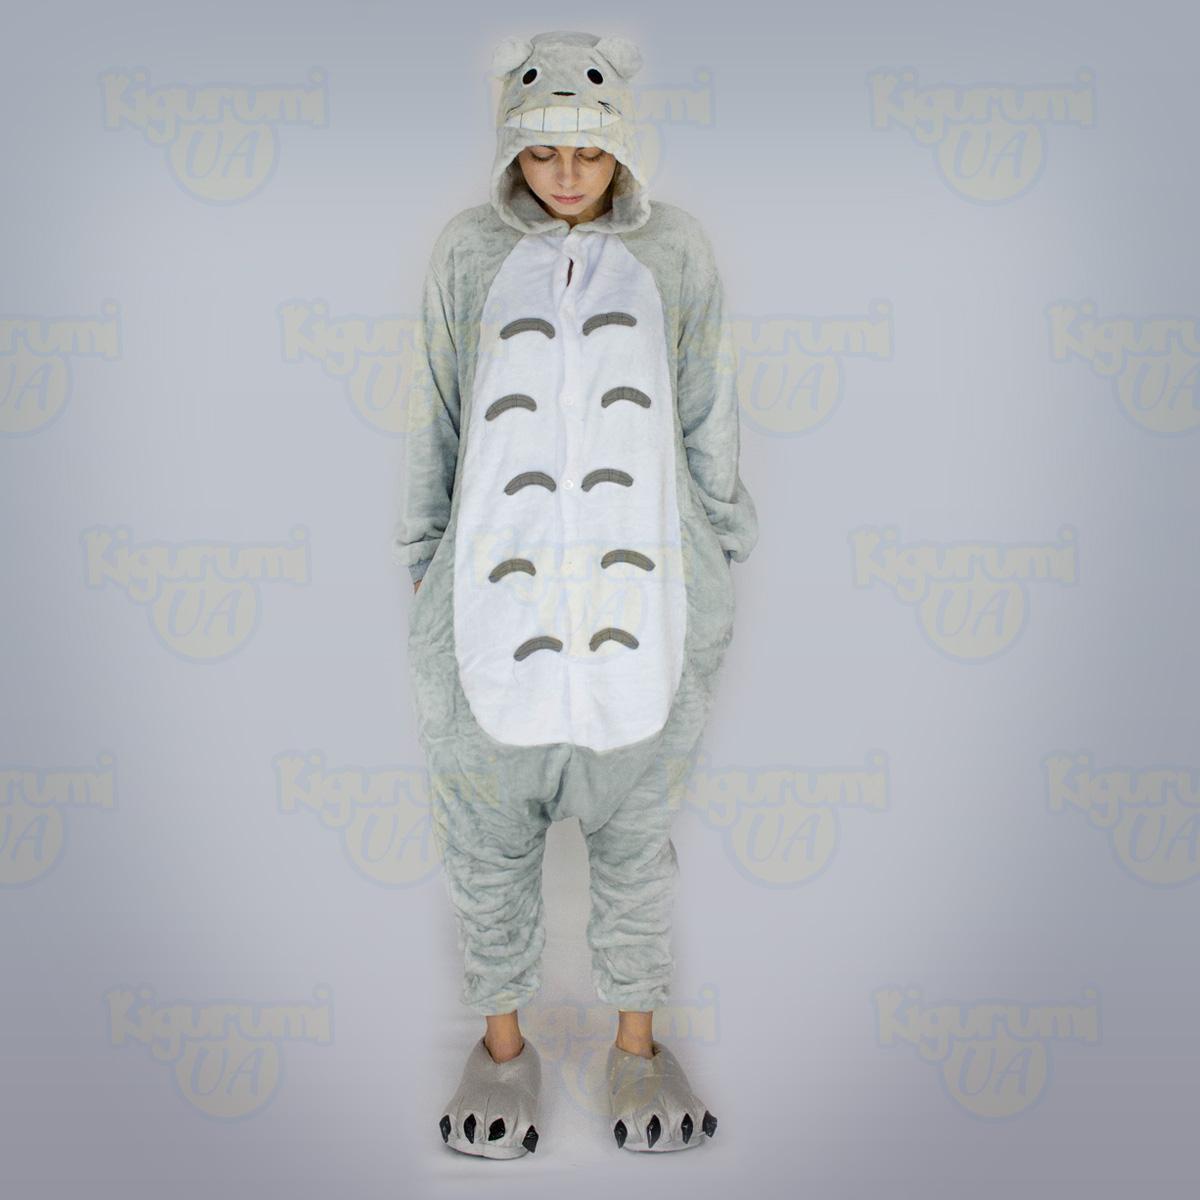 Пижама Кигуруми Тоторо 06aa52bfc233e